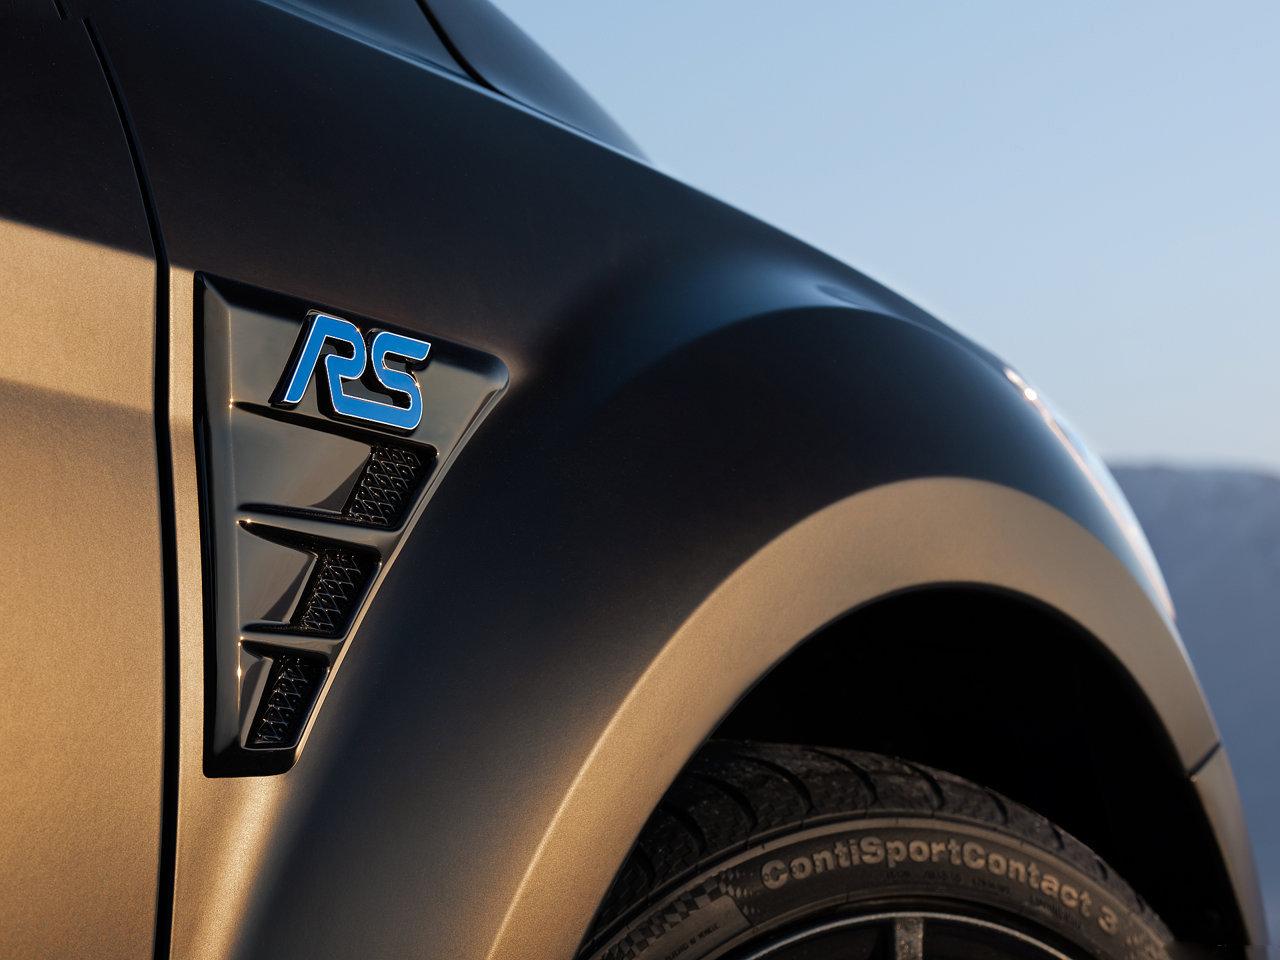 福特将推全新福克斯RS 350马力增压引擎 图片浏览高清图片